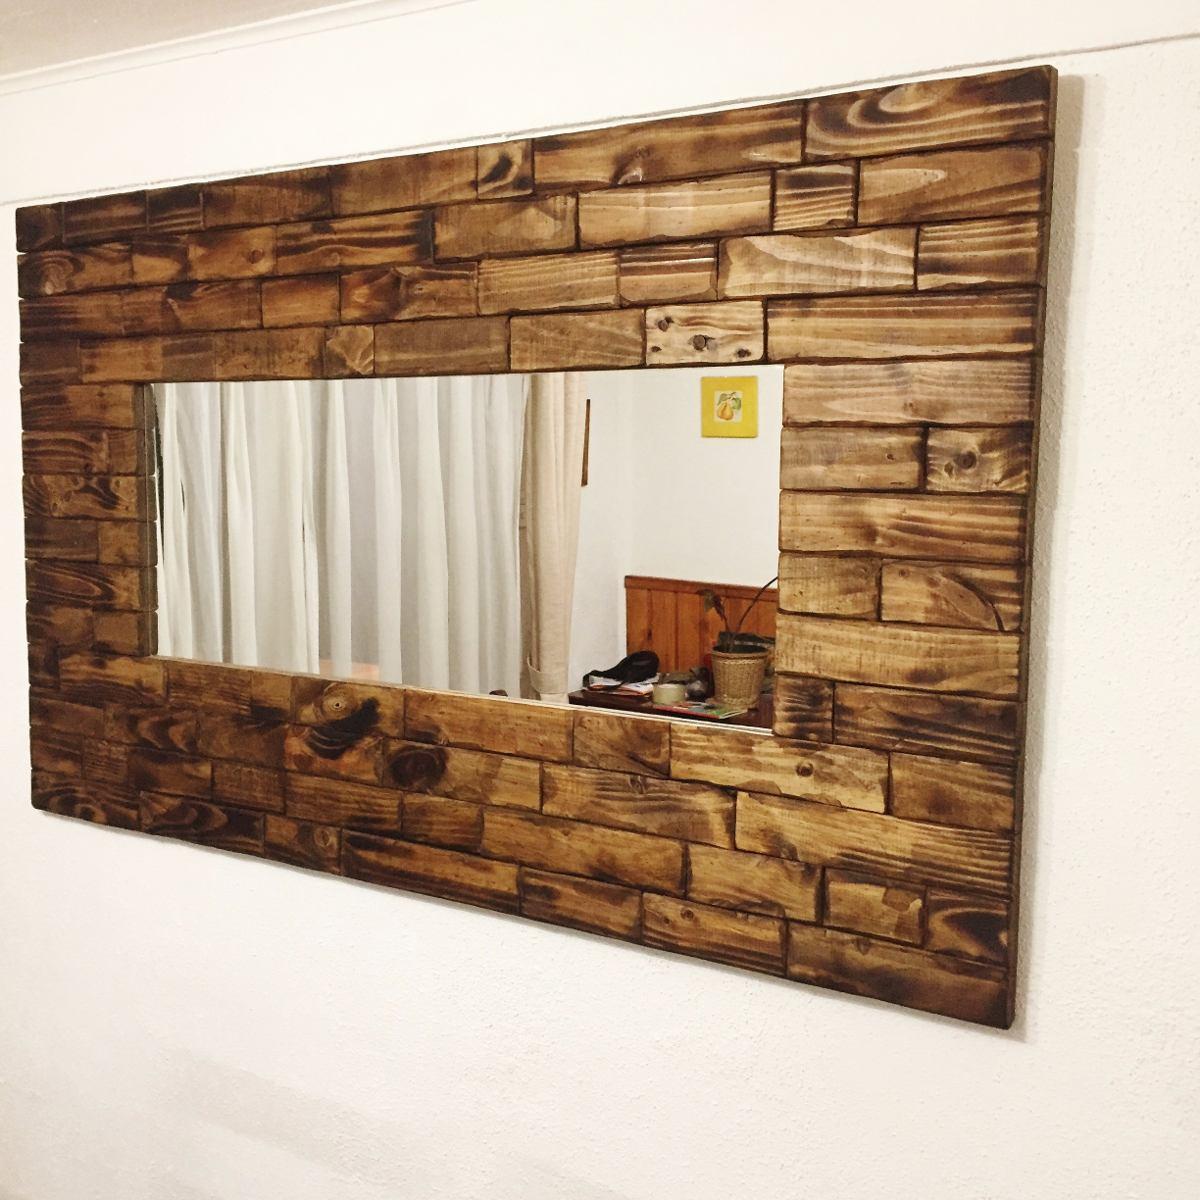 Espejo de madera rustico 140x80 aprox en for Espejos de pared madera